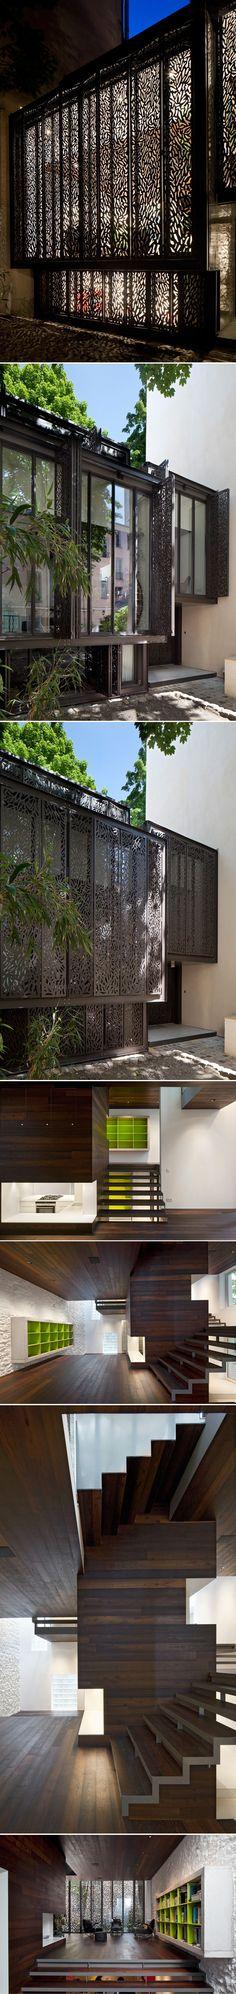 La-Maison-Escalier-par-Jacques-Moussafir-Architectes-2